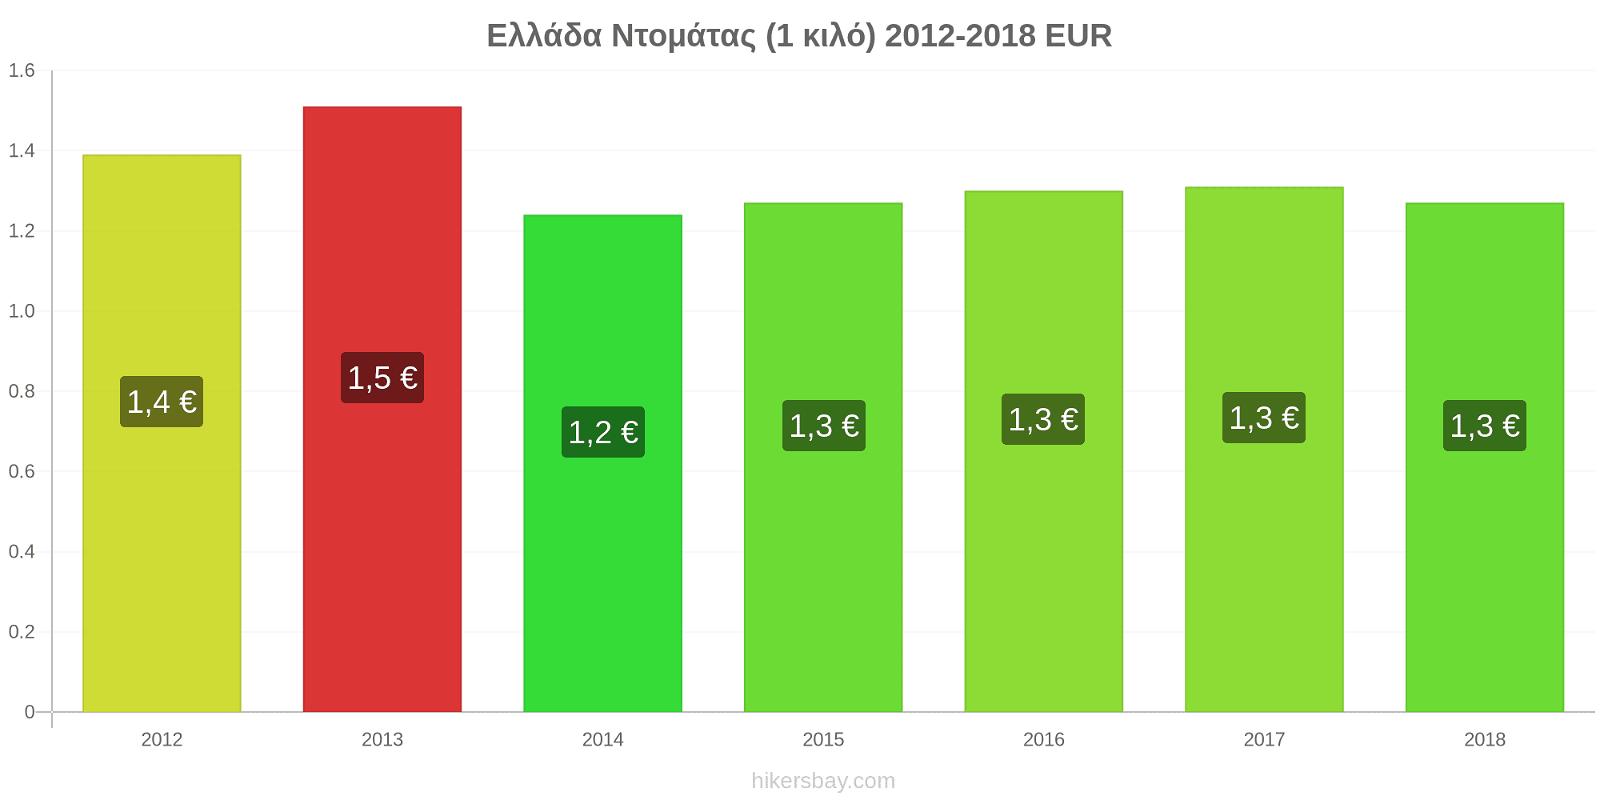 Ελλάδα αλλαγές τιμών Ντομάτας (1 κιλό) hikersbay.com